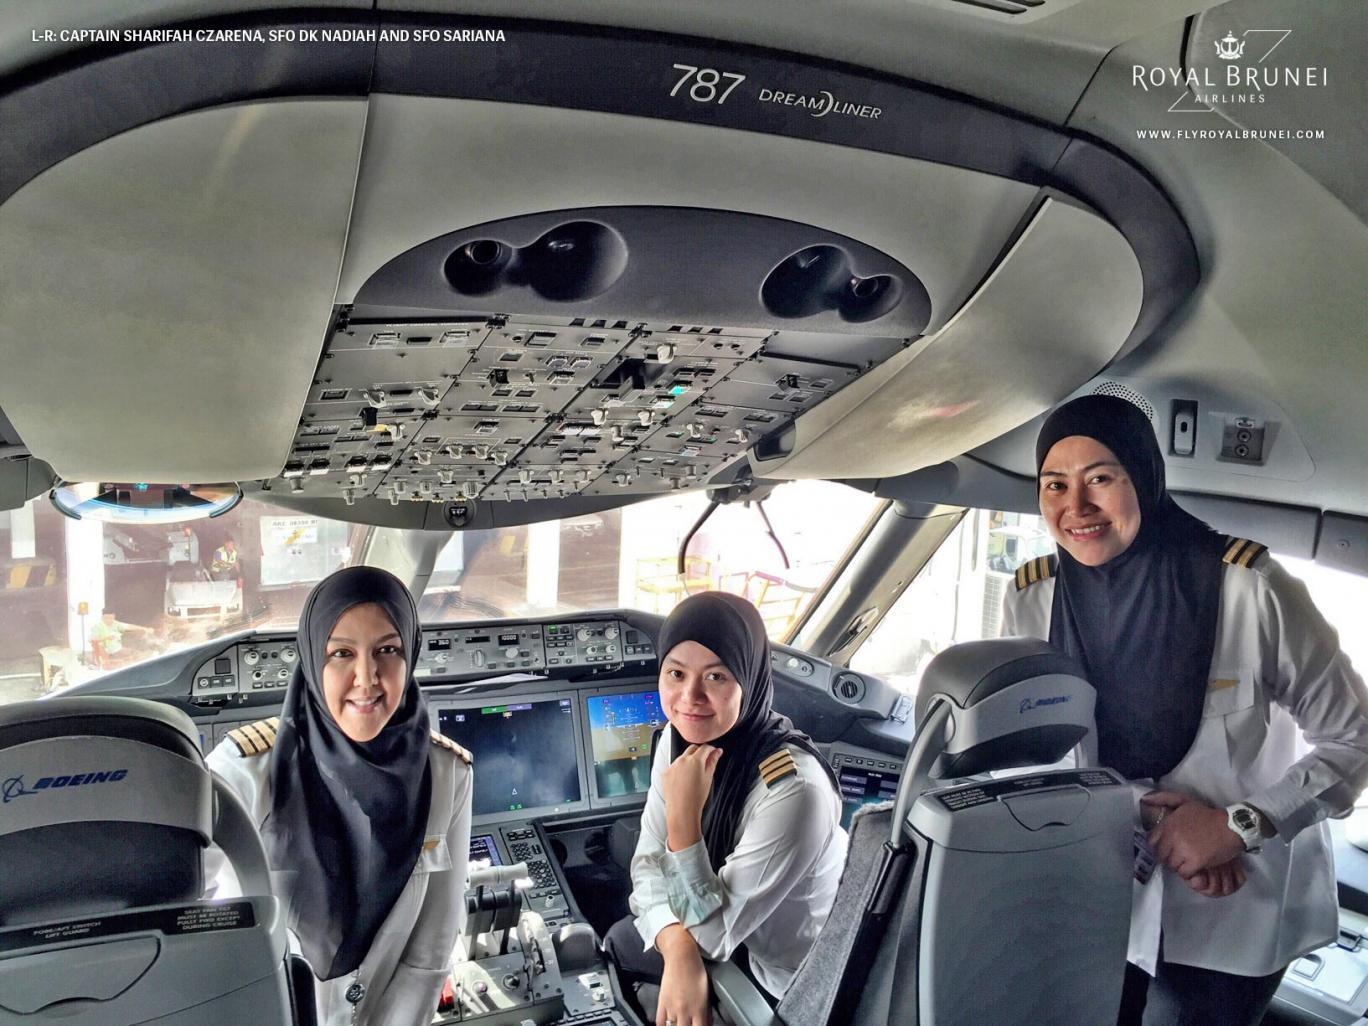 Historisches Ereignis für die Royal Brunei Airlines.